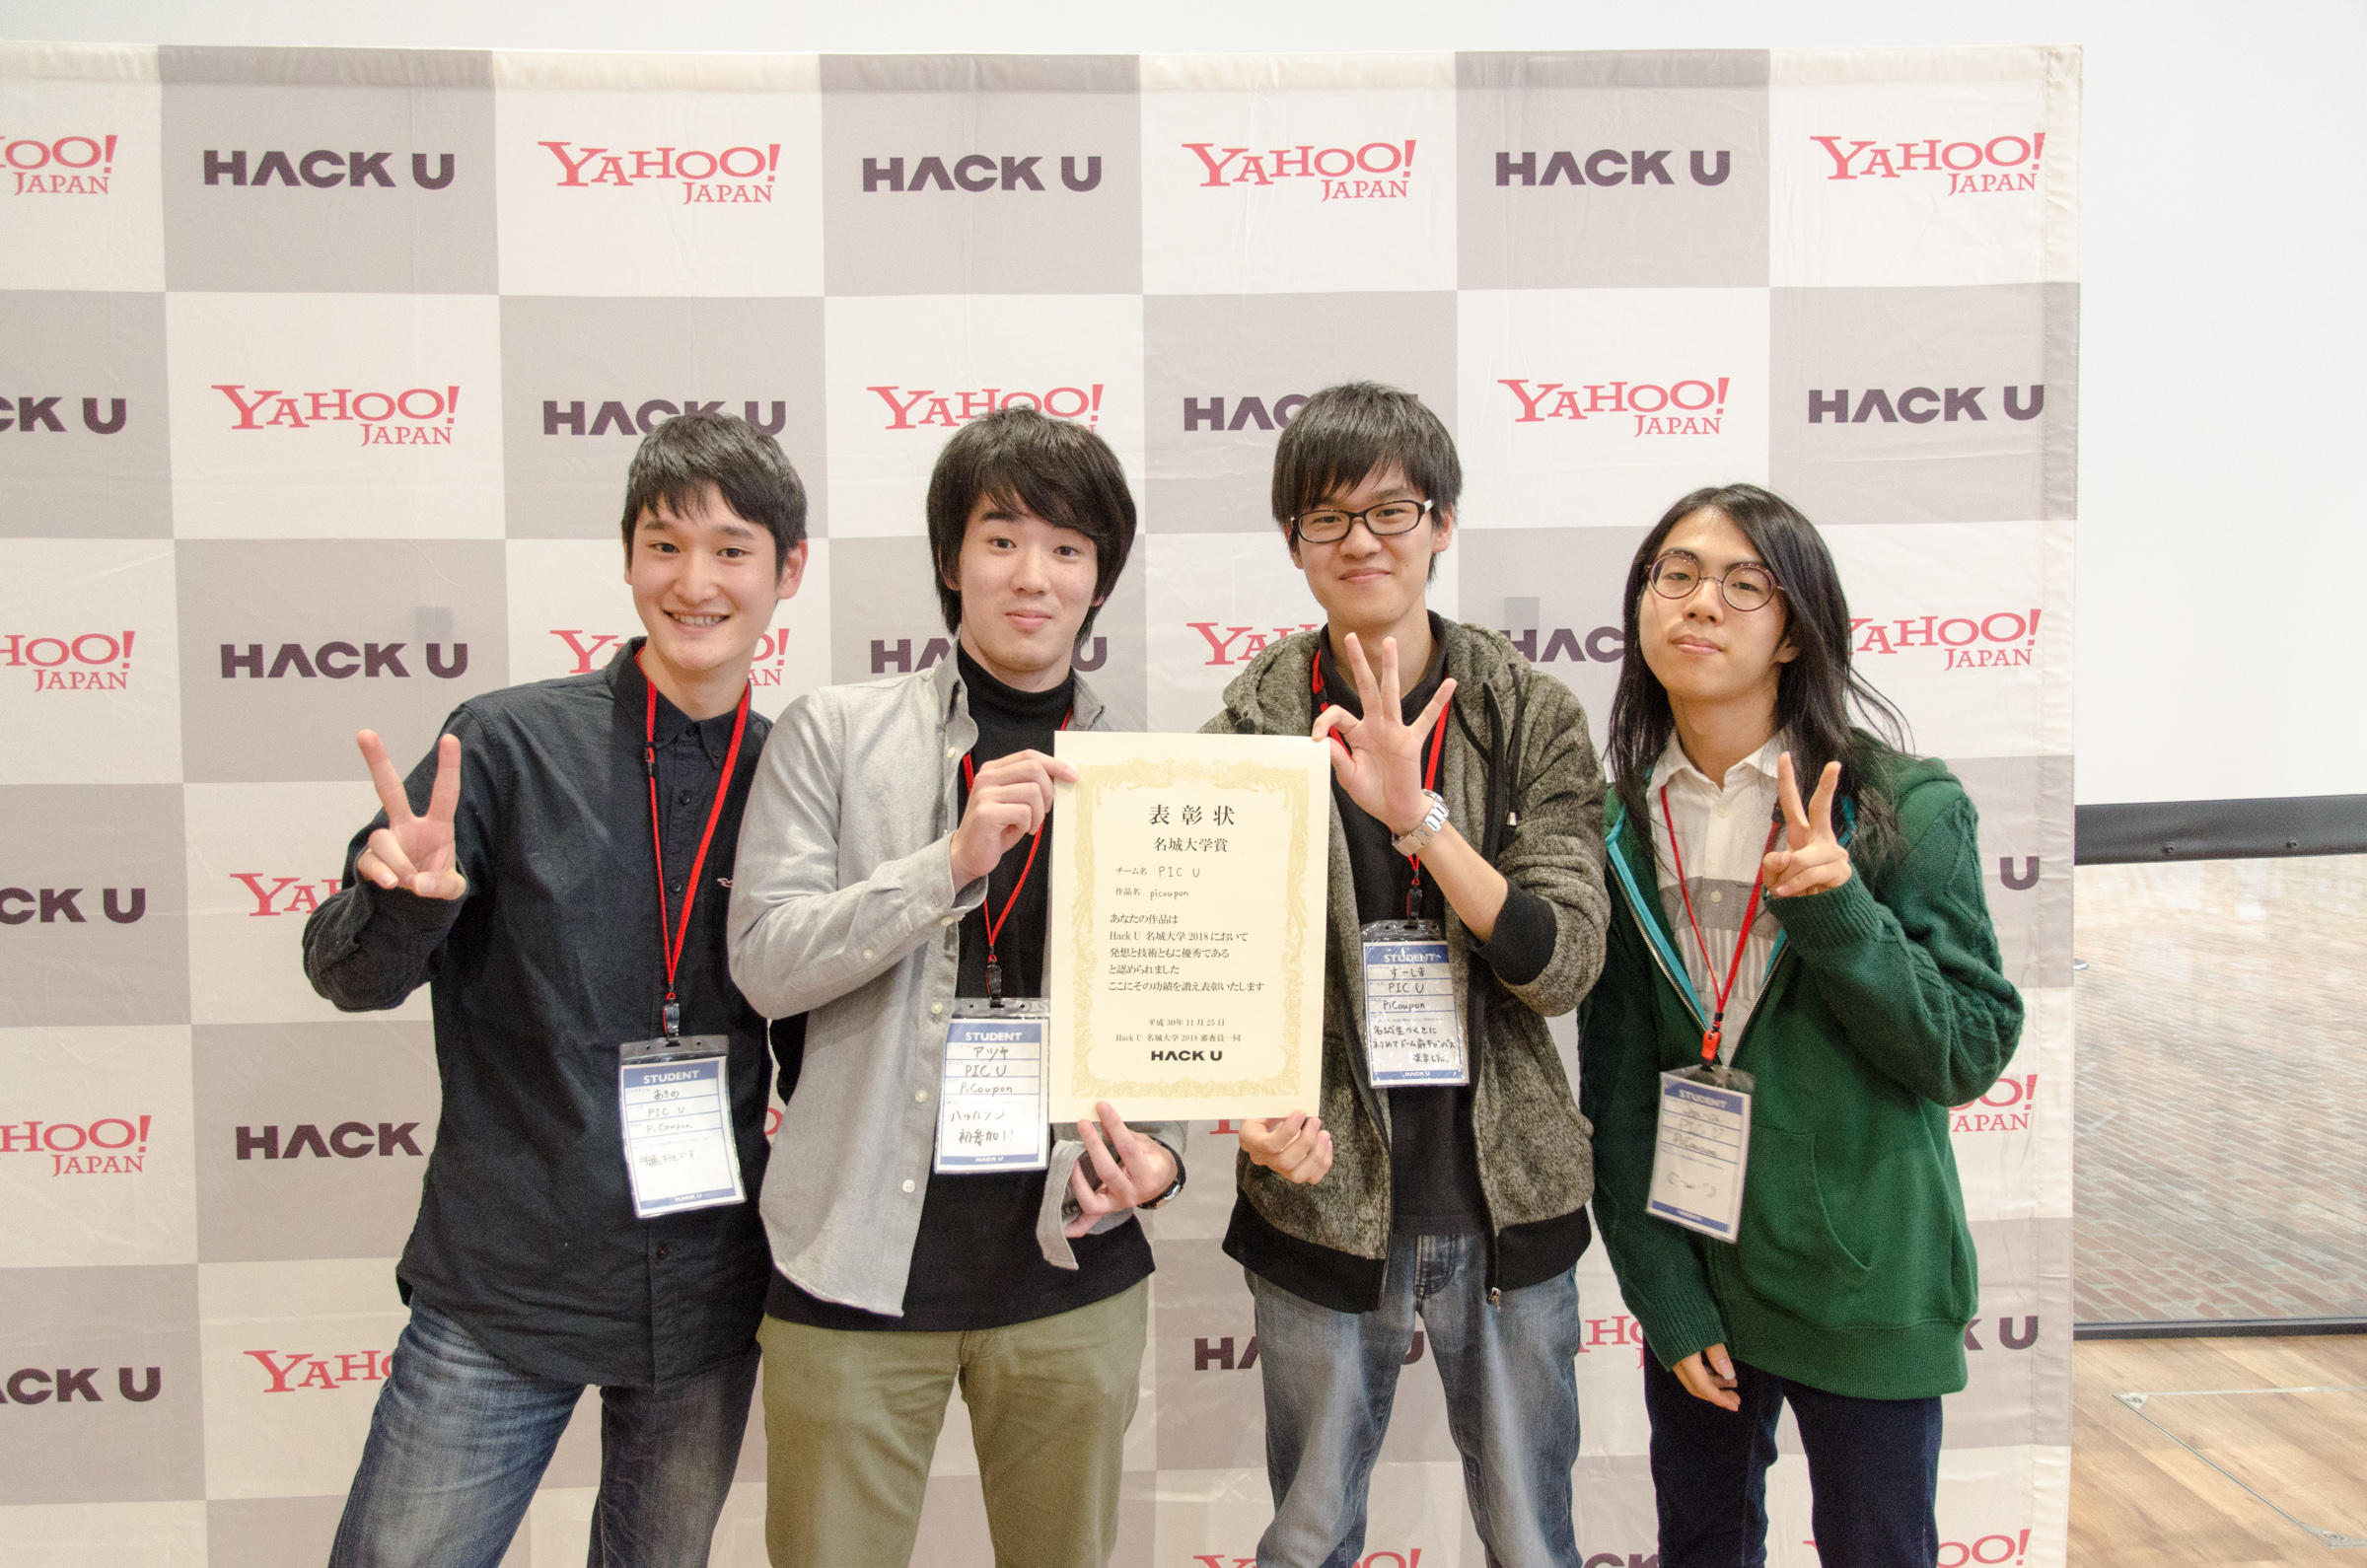 名城大学賞を受賞したPIC U